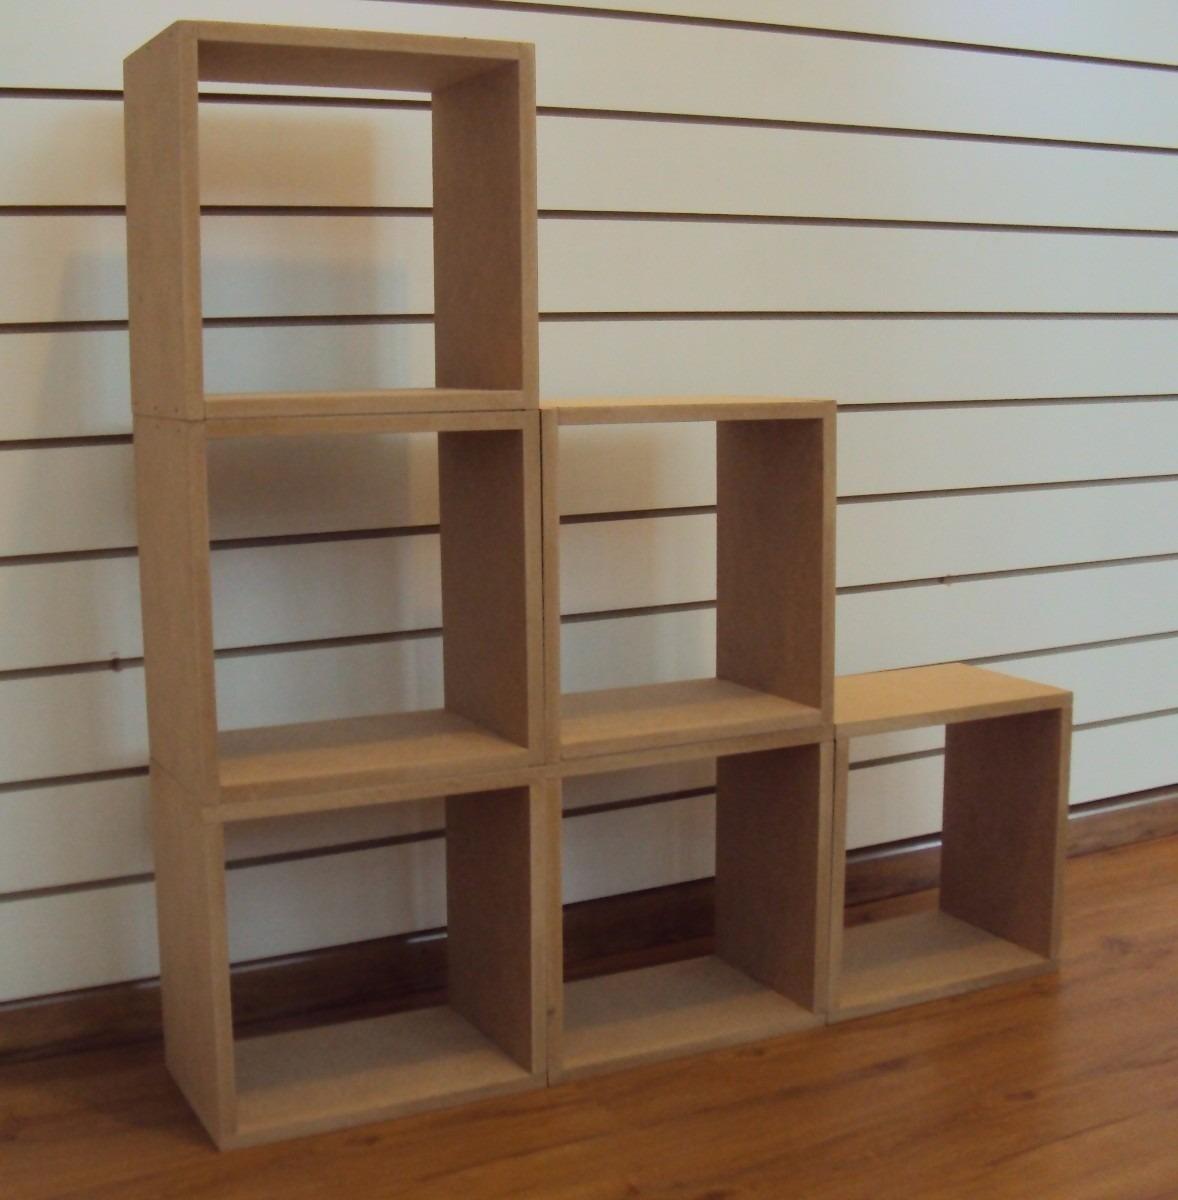 Muebles modernos para tv y consola de juegos o sonido bs for Muebles de pared